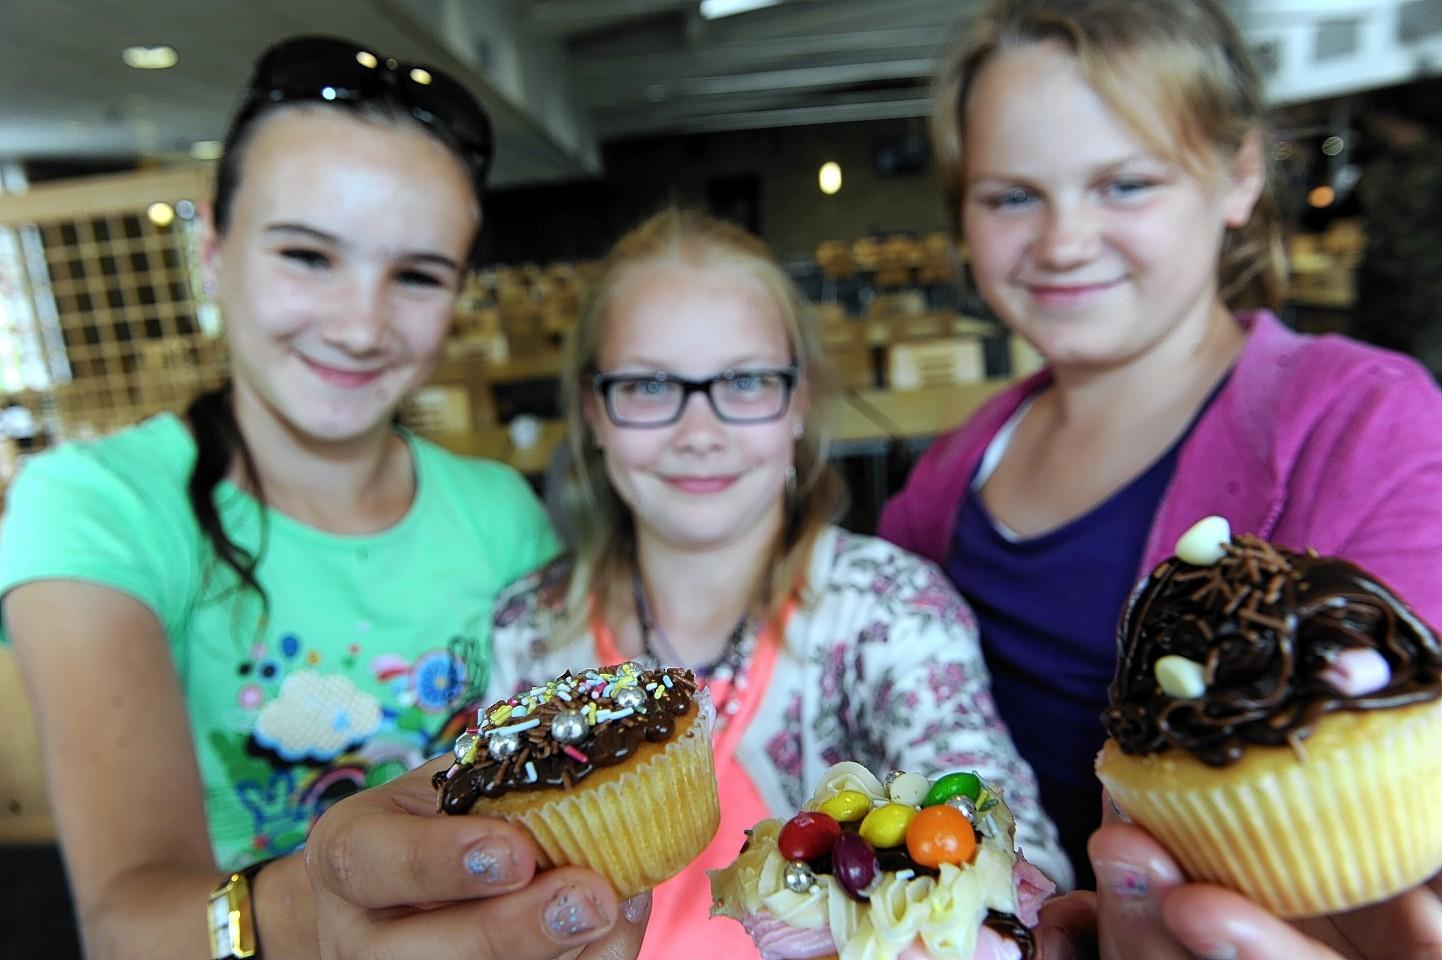 Chernobyl children visit Kinloss